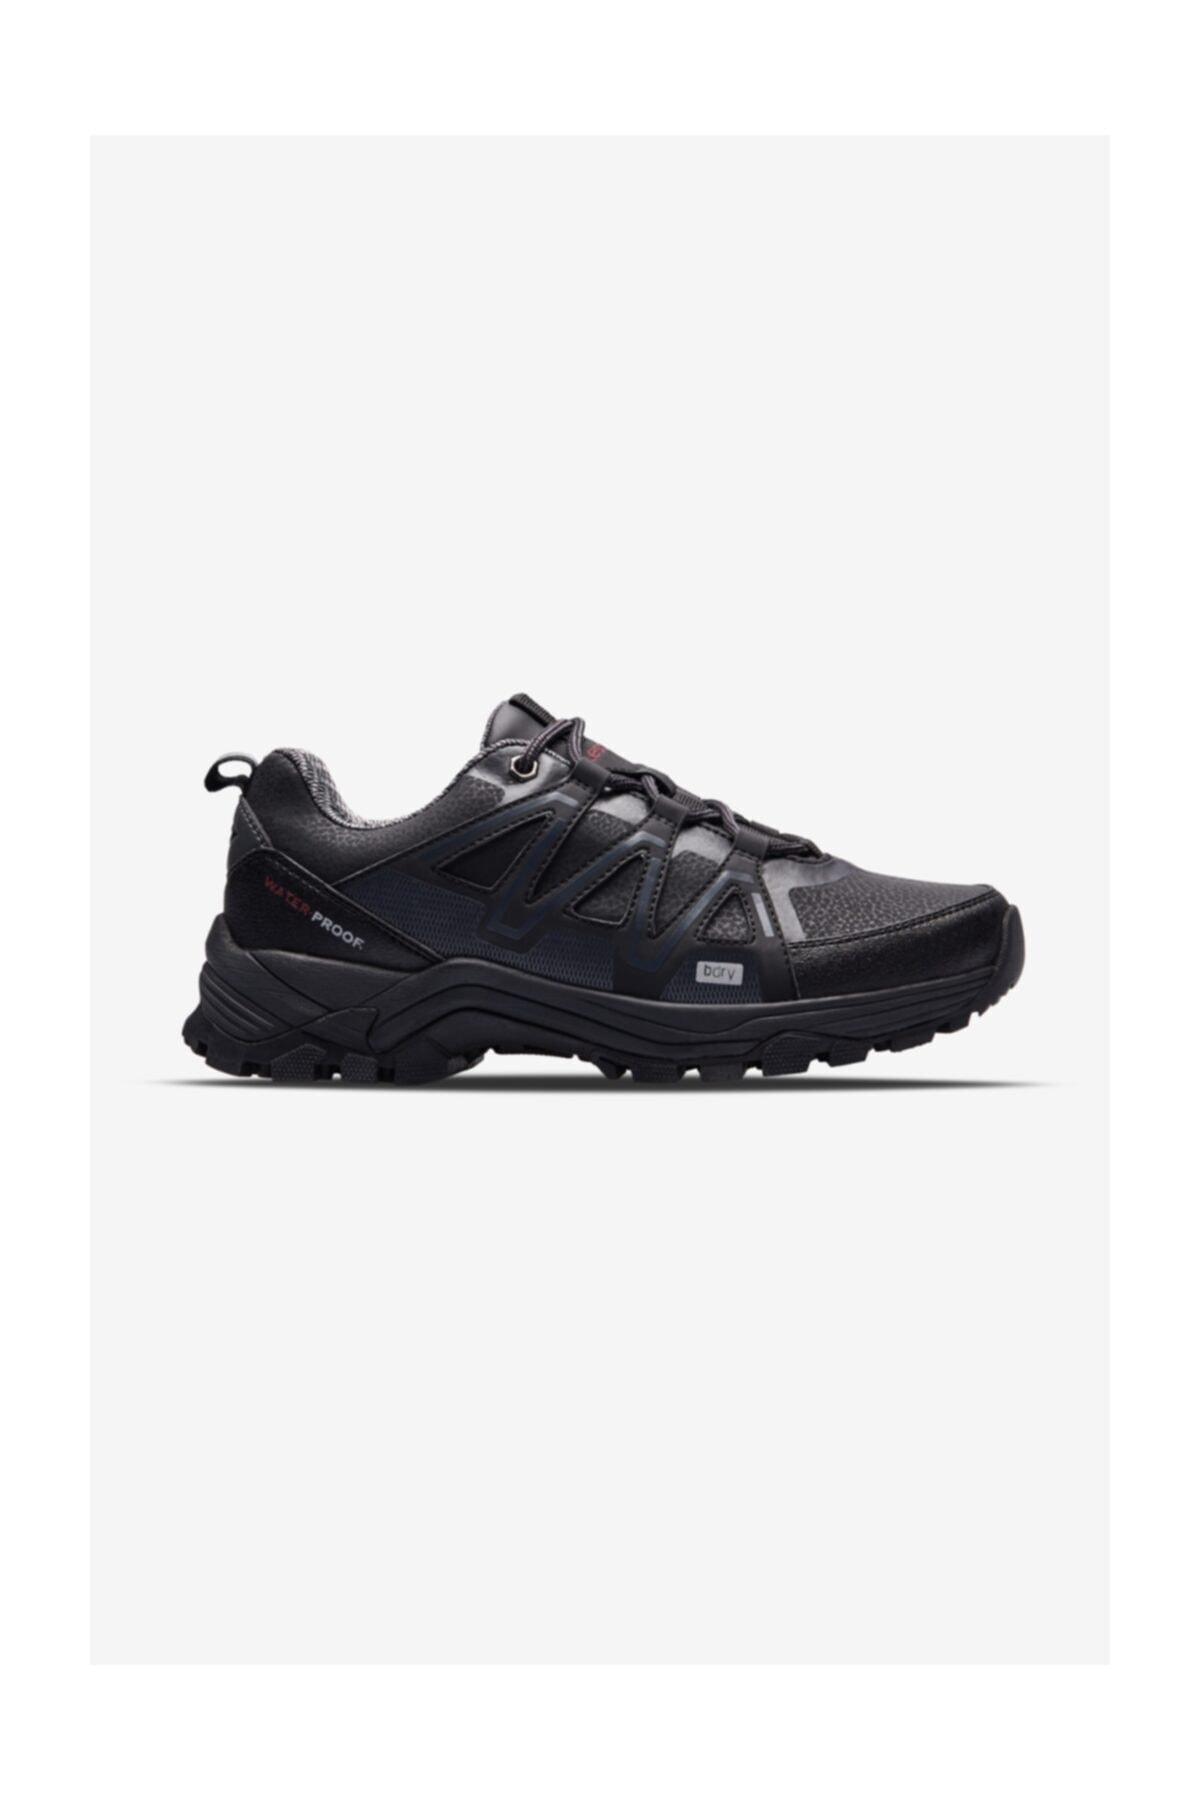 Lescon Kadın Outdoor Ayakkabı - Ranger - 19kau00rngau-633 2